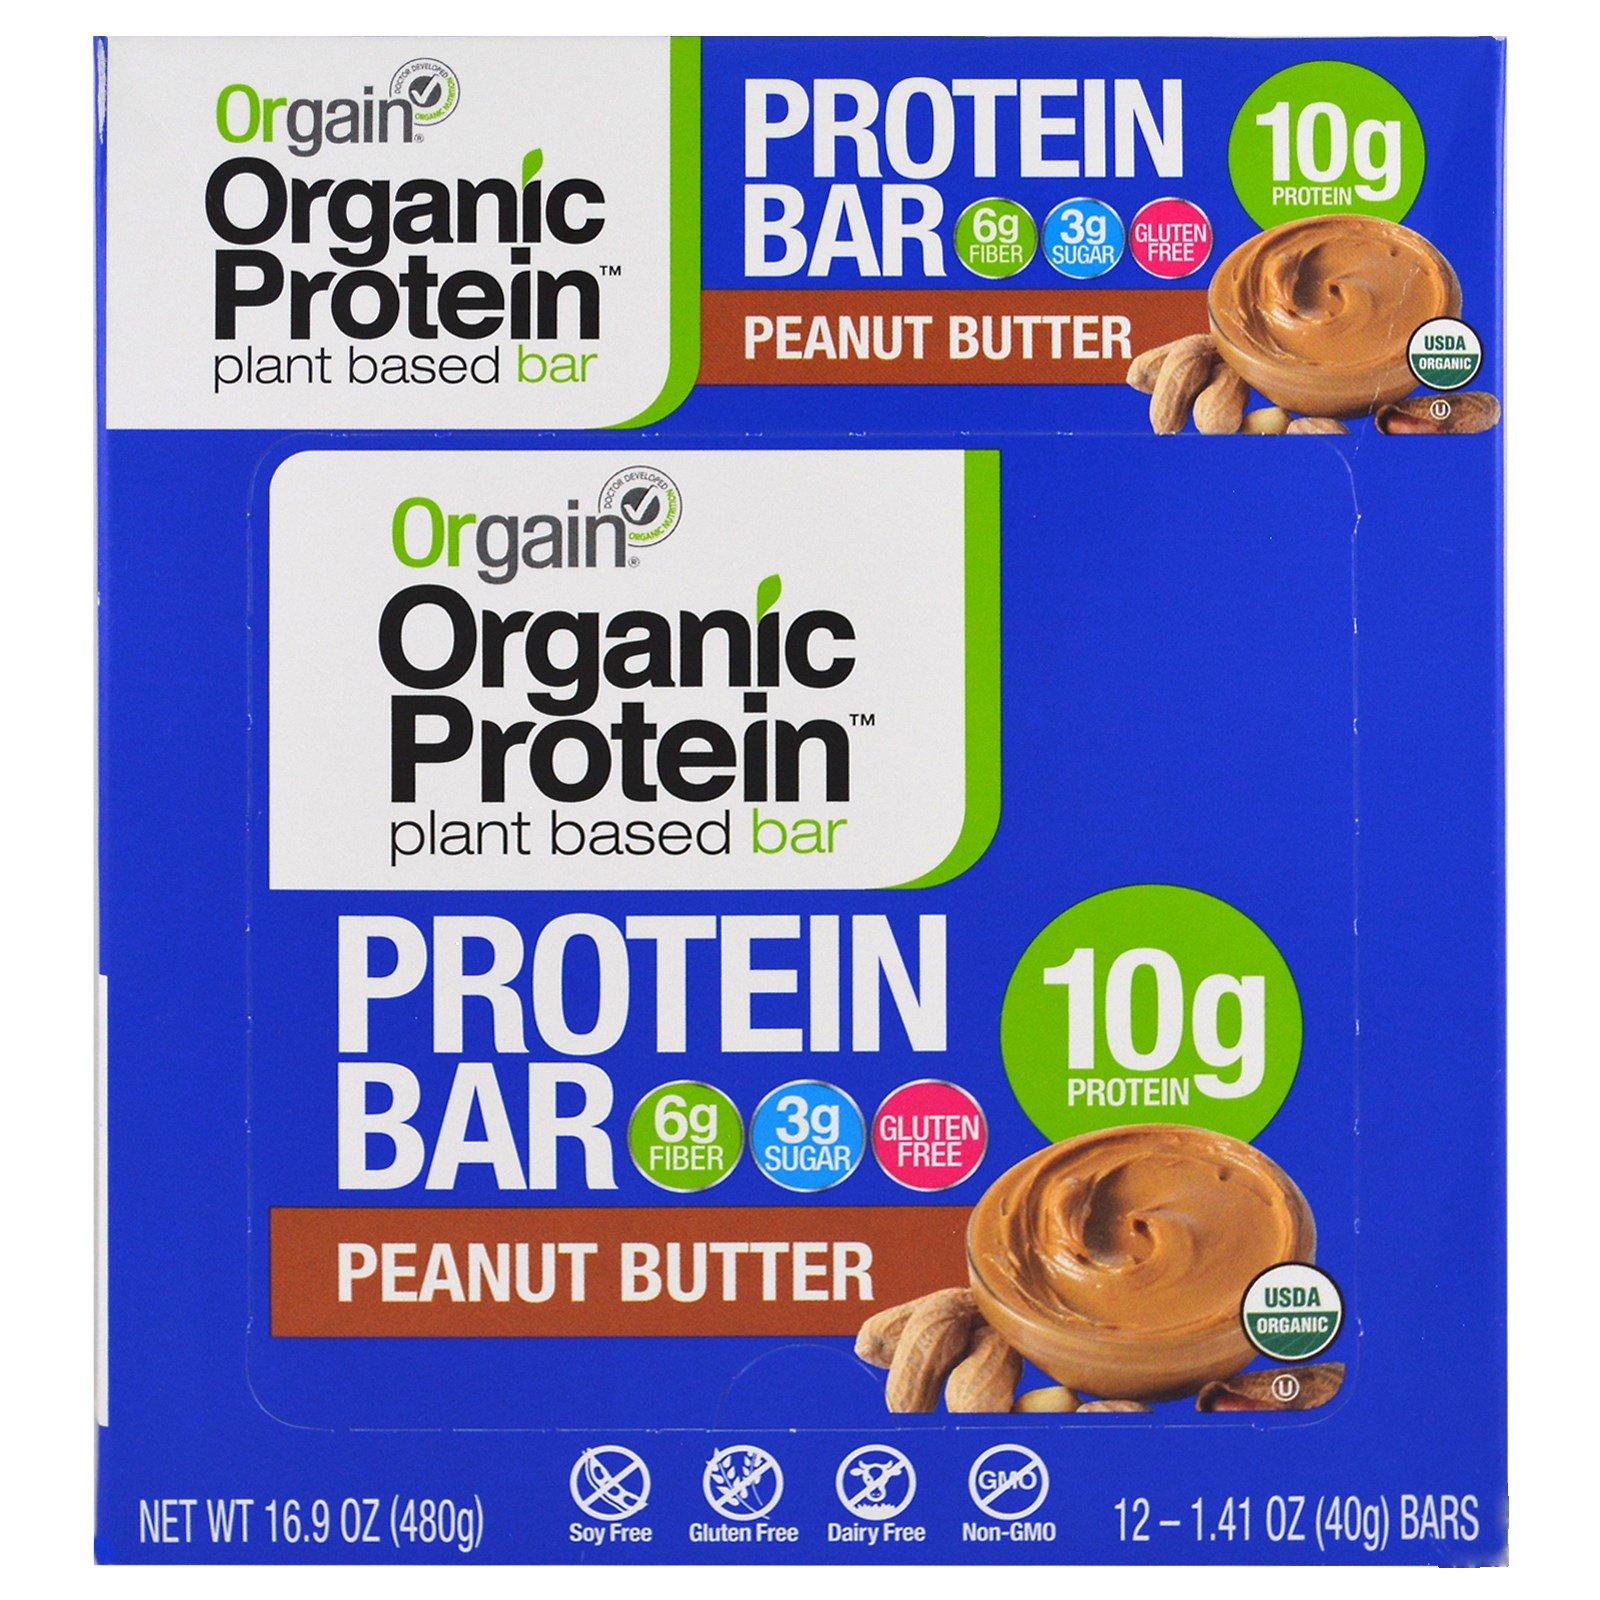 Orgain, Органический батончик на растительной основе, арахисовое масло, 12 батончиков, 40 г (1,41 унции) каждый